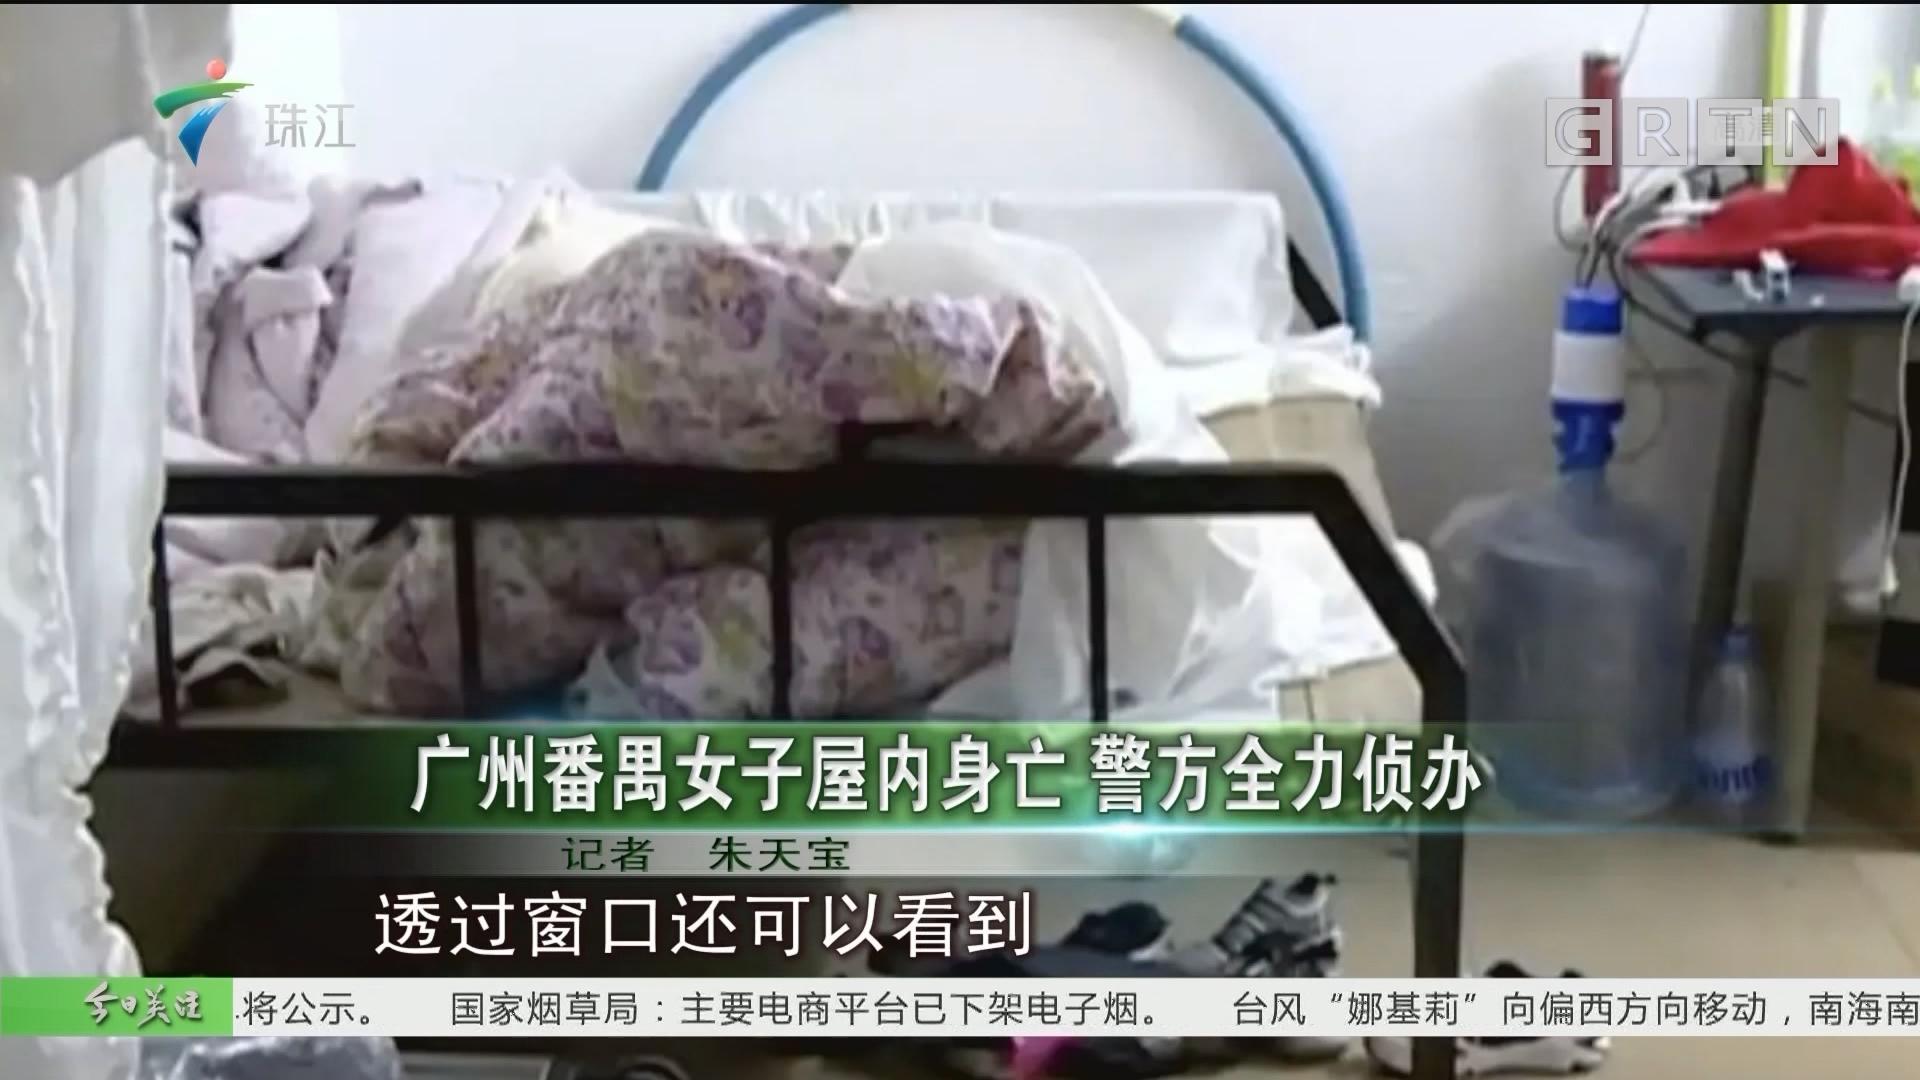 广州番禺女子屋内身亡 警方全力侦办